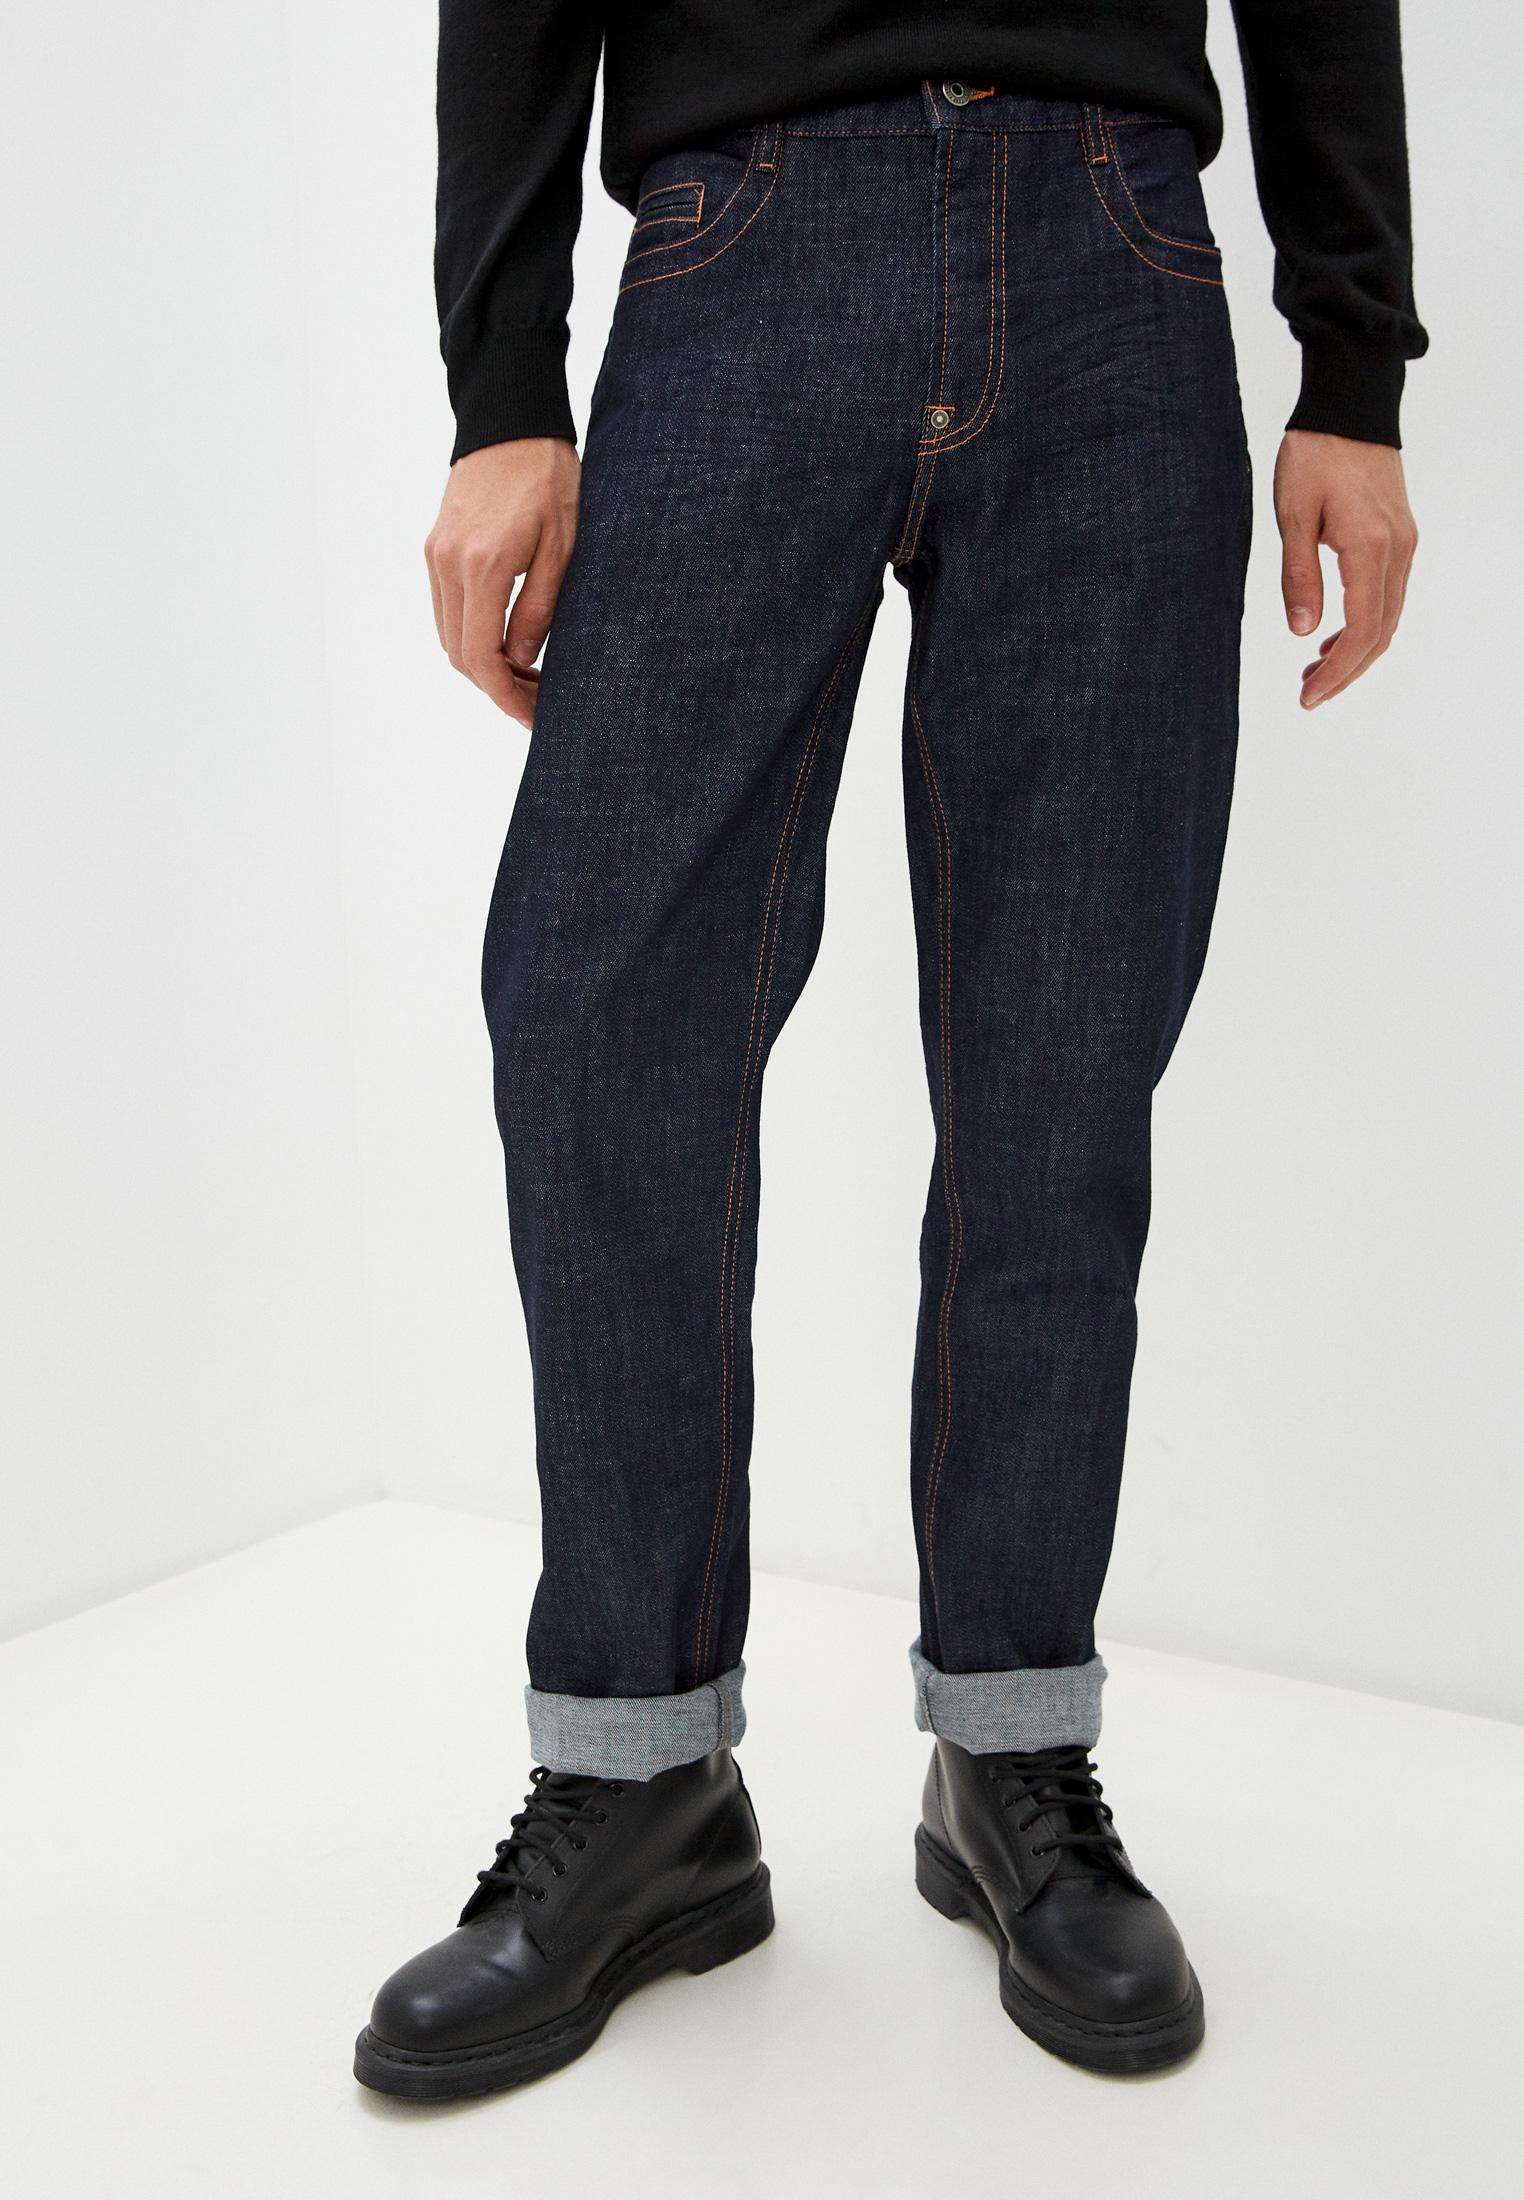 Мужские прямые джинсы Bikkembergs (Биккембергс) C Q 102 03 S 3393: изображение 11